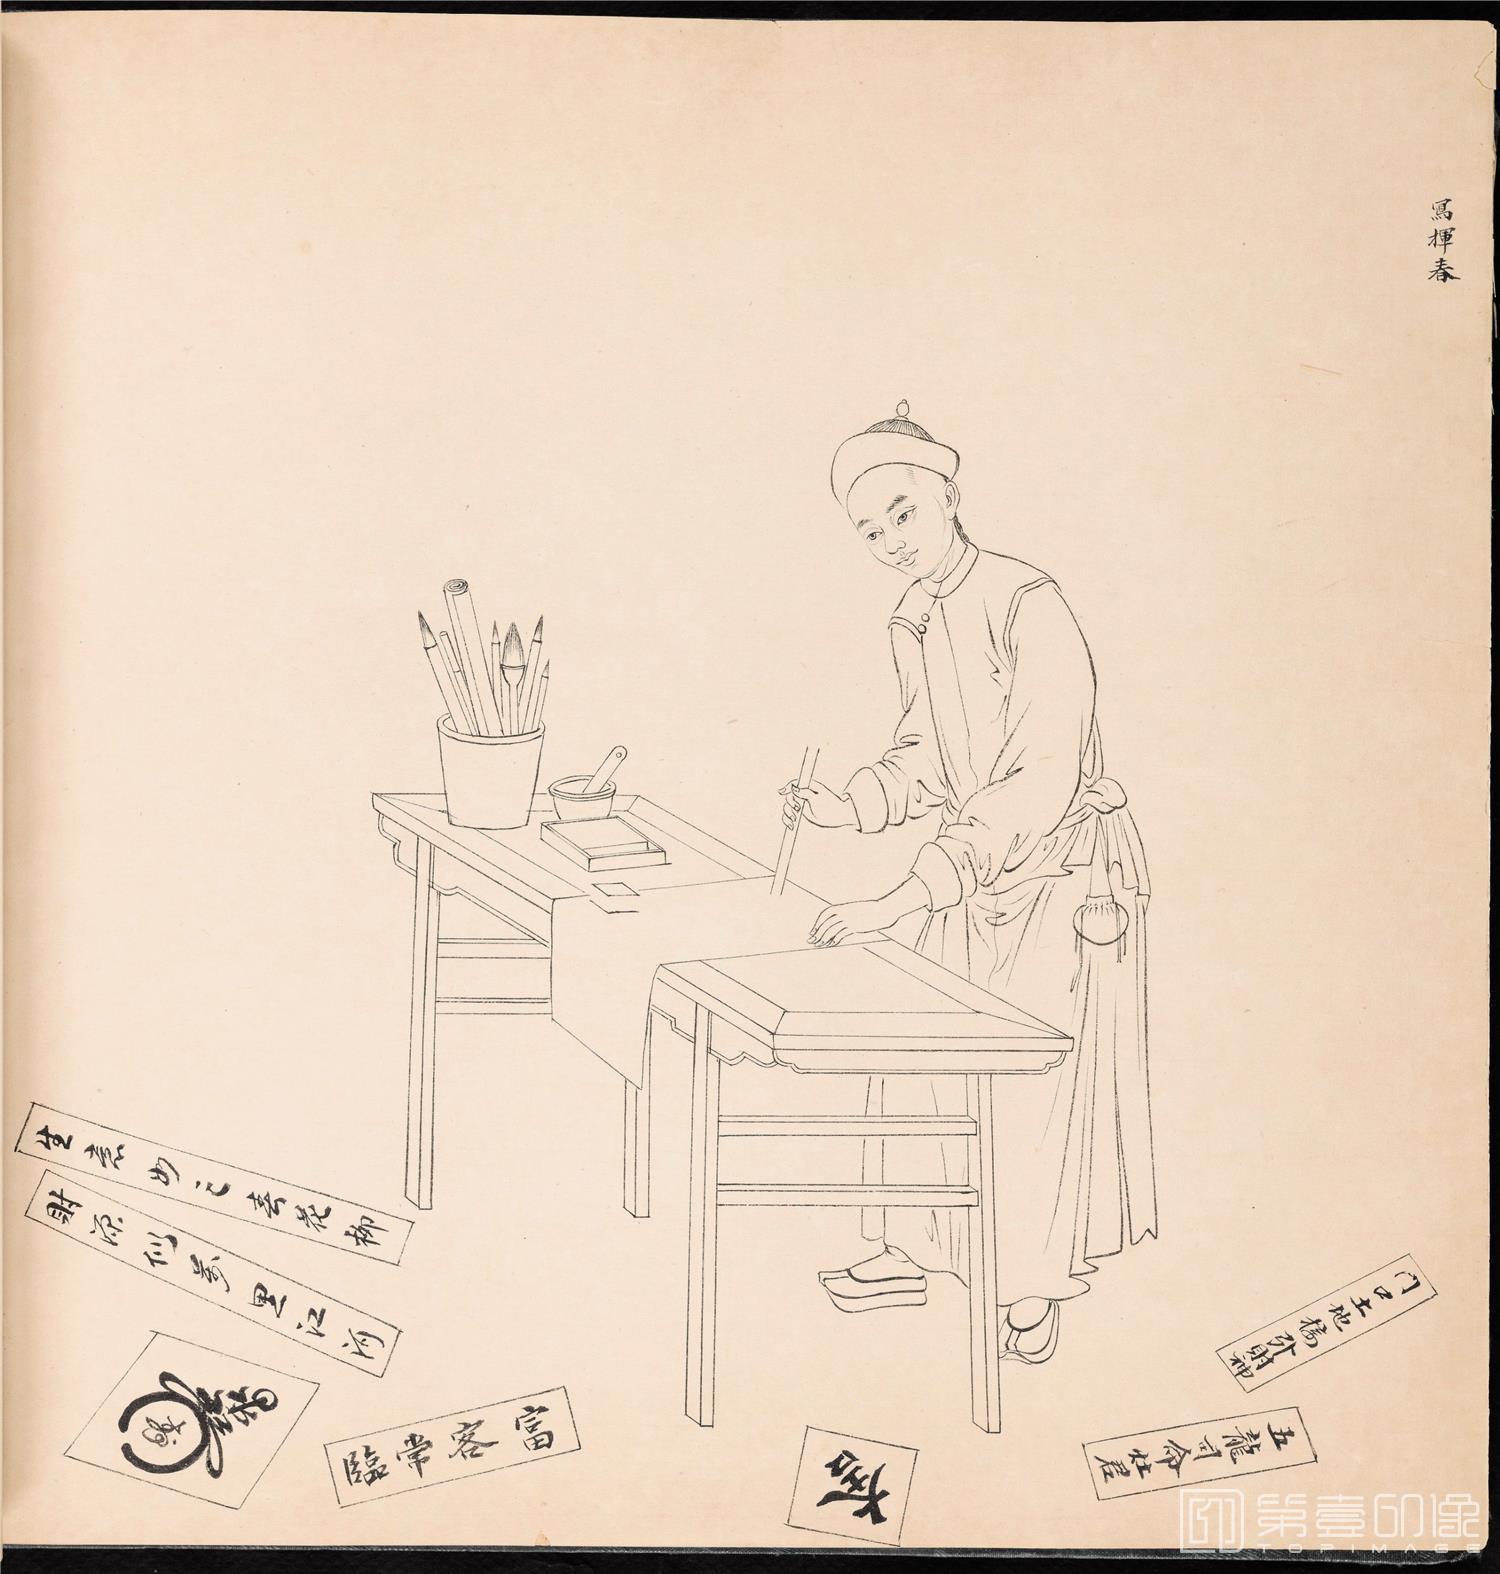 素描-清 佚名 白描街头买卖画册 纸本-008-39x42cm